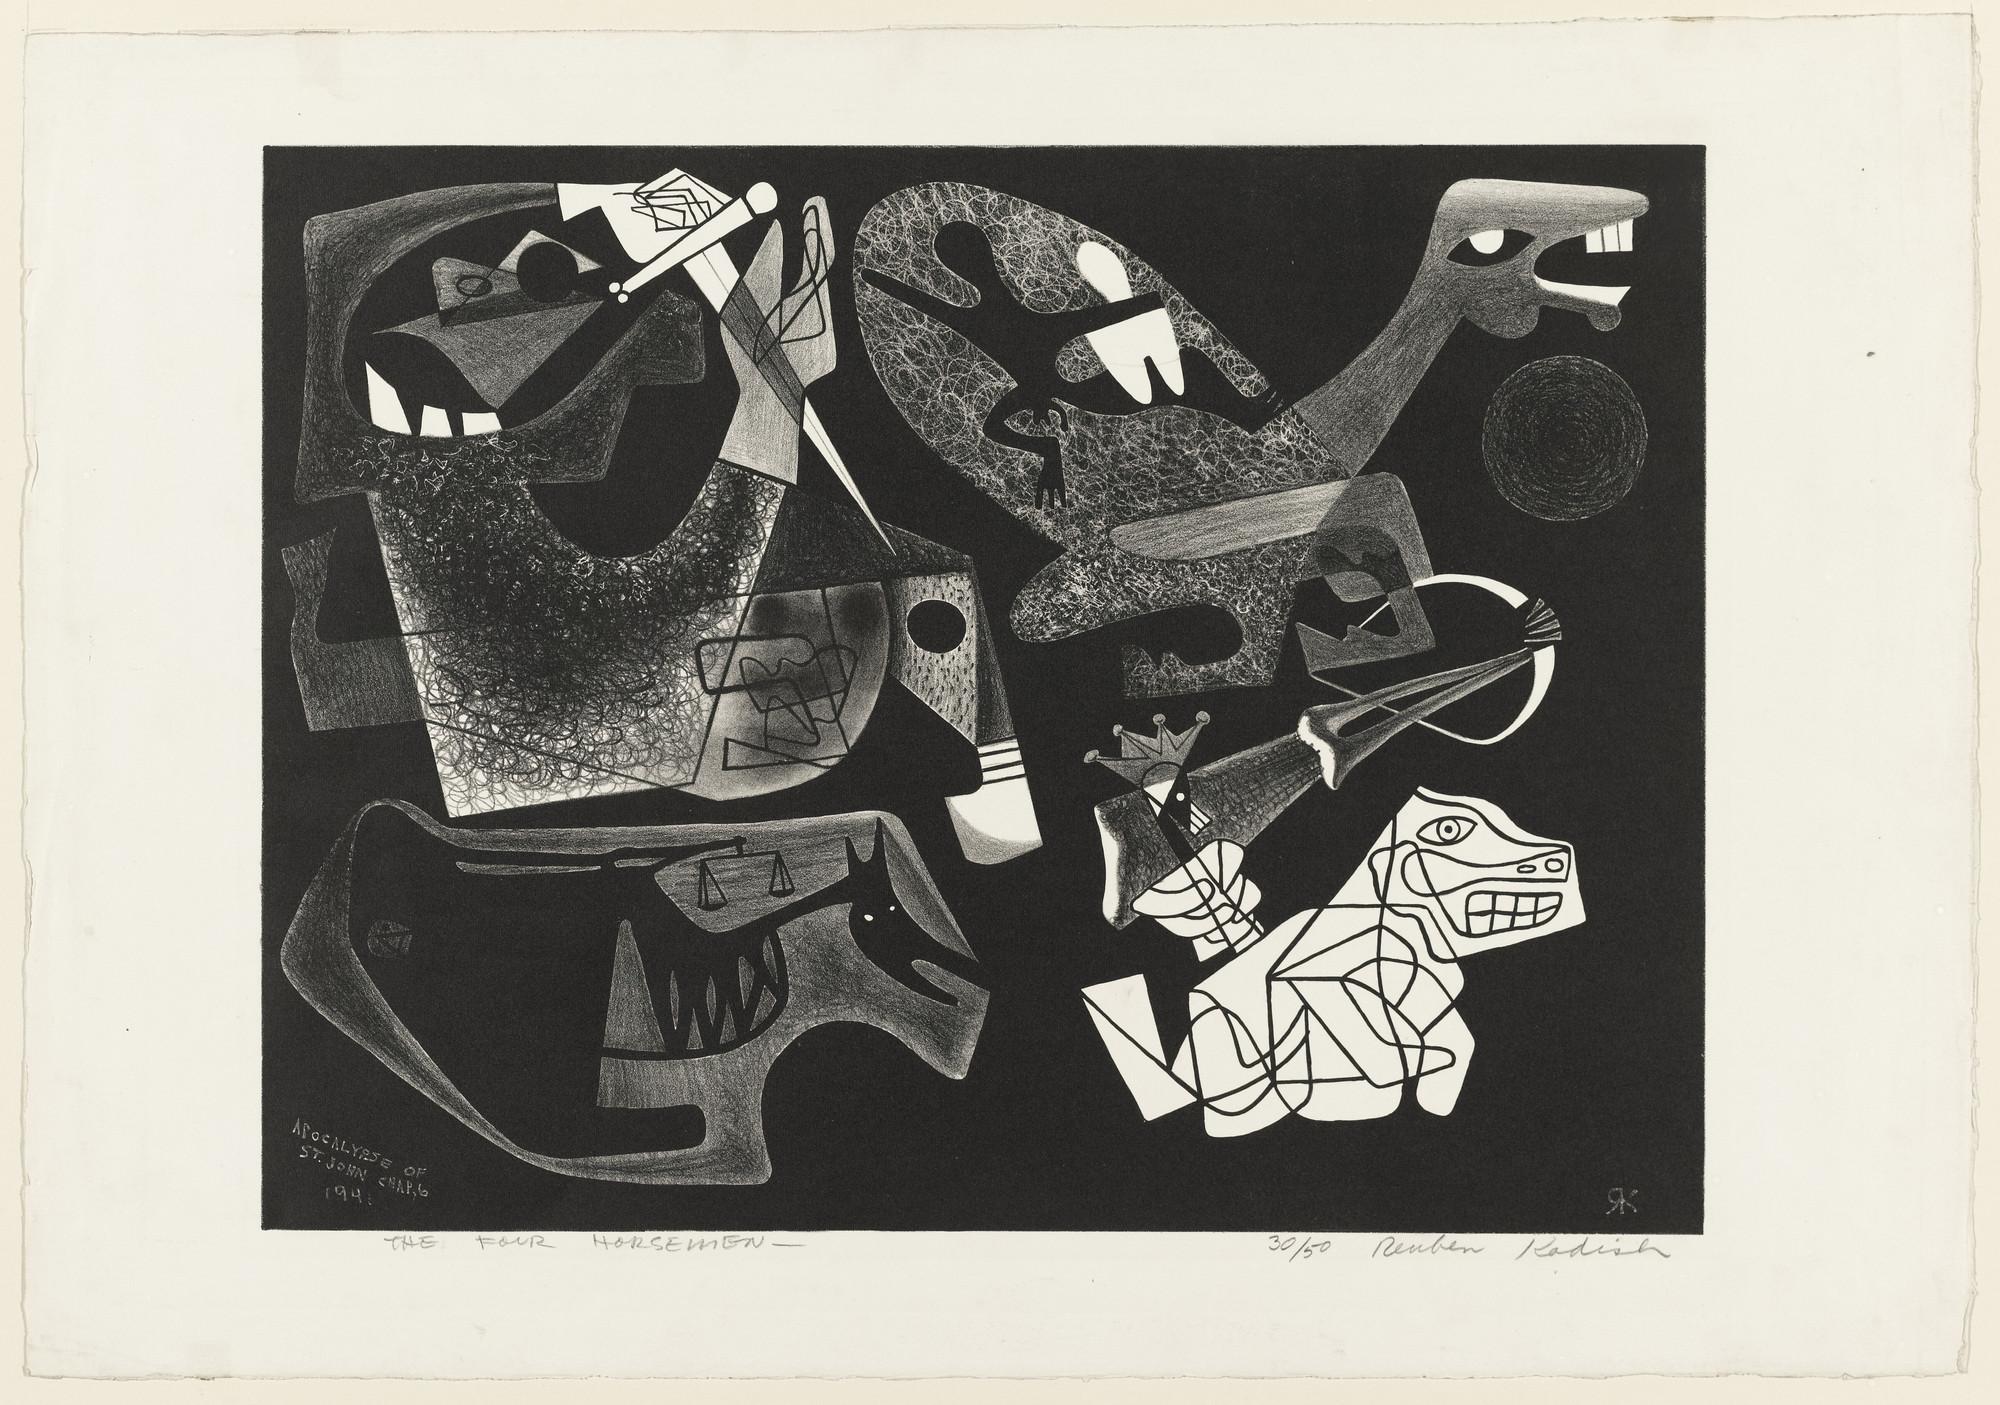 Reuben Kadish  The Four Horsemen  1941   MoMA